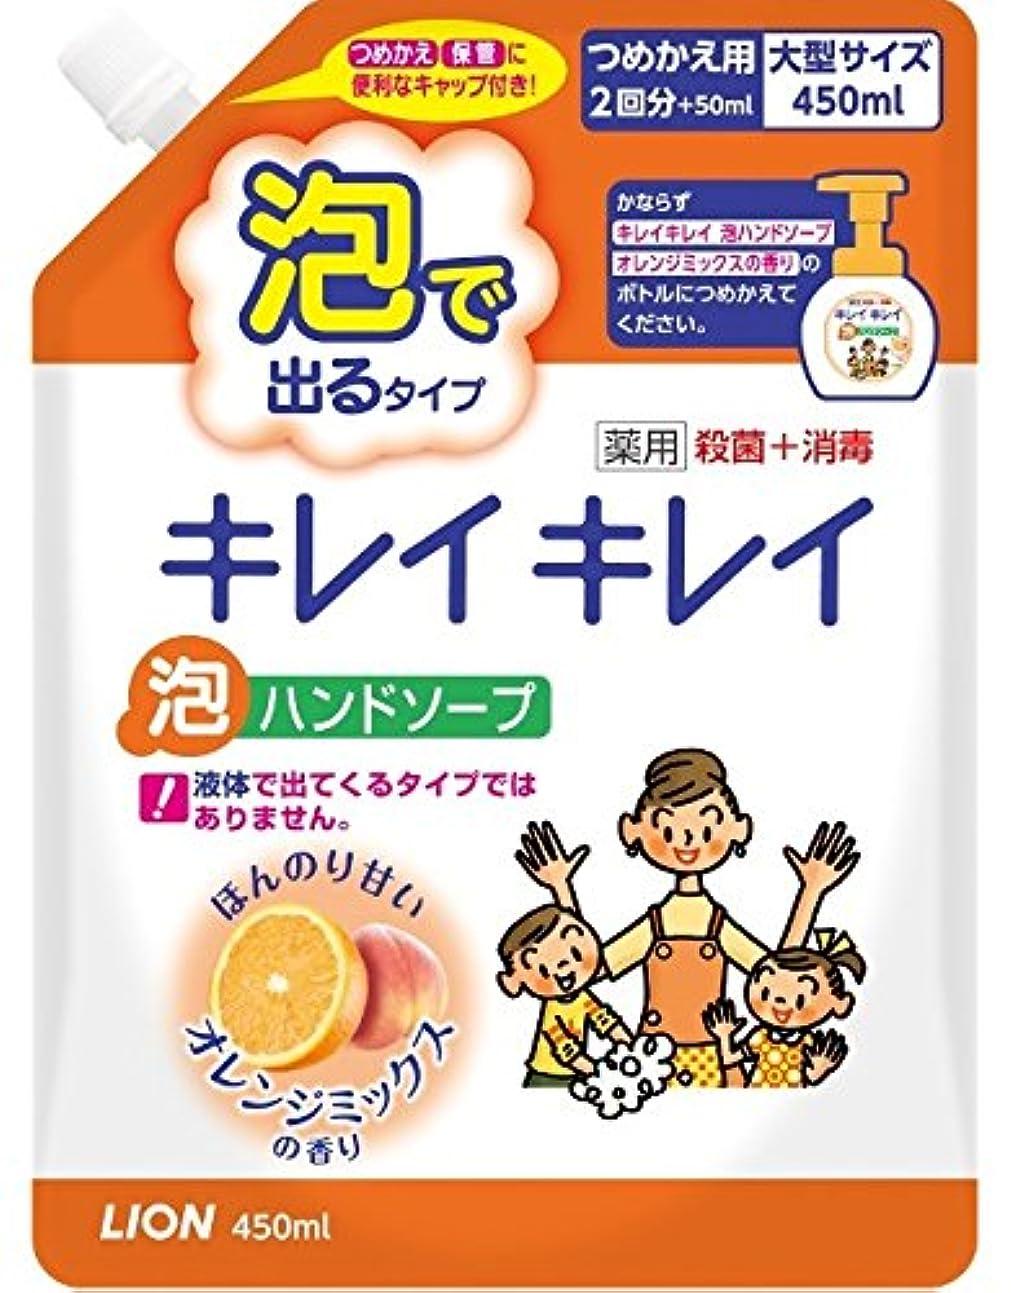 旅行先行する書誌キレイキレイ薬用泡ハンドソープオレンジミックスの香りつめかえ用大型サイズ450mL